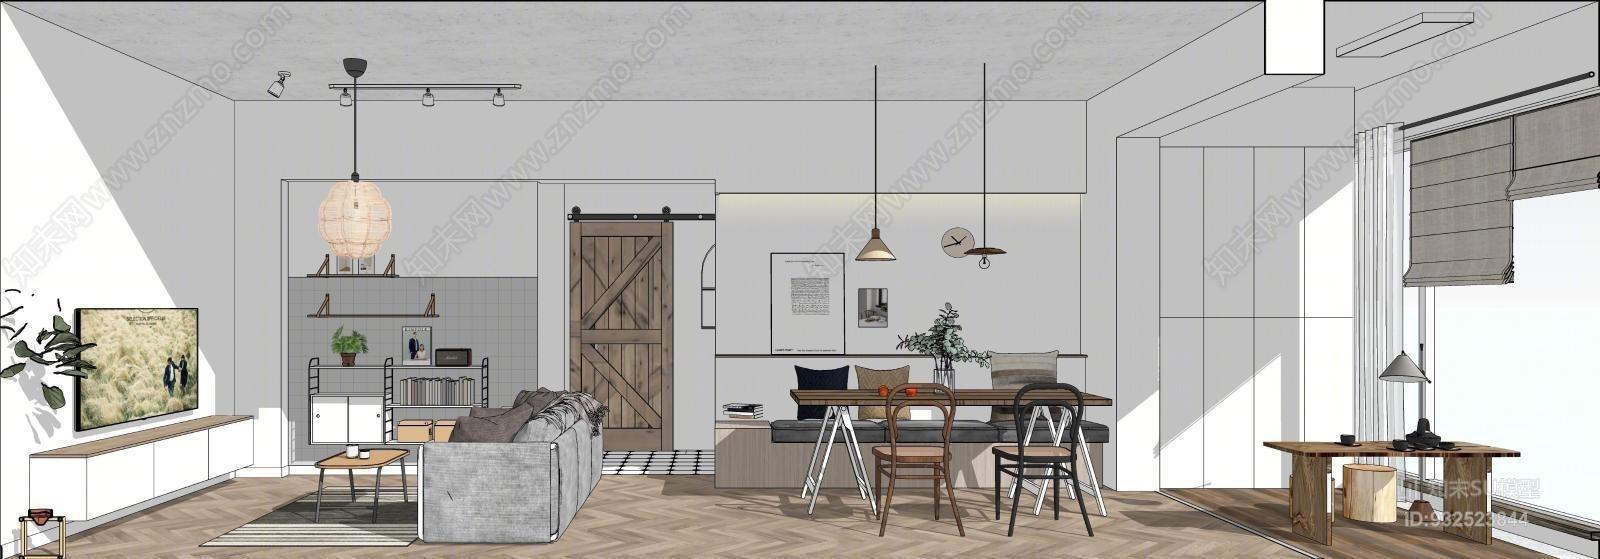 北欧客厅餐厅卧室厨房整体方案沙发茶几橱柜双人床餐桌椅家具 餐厅 室内